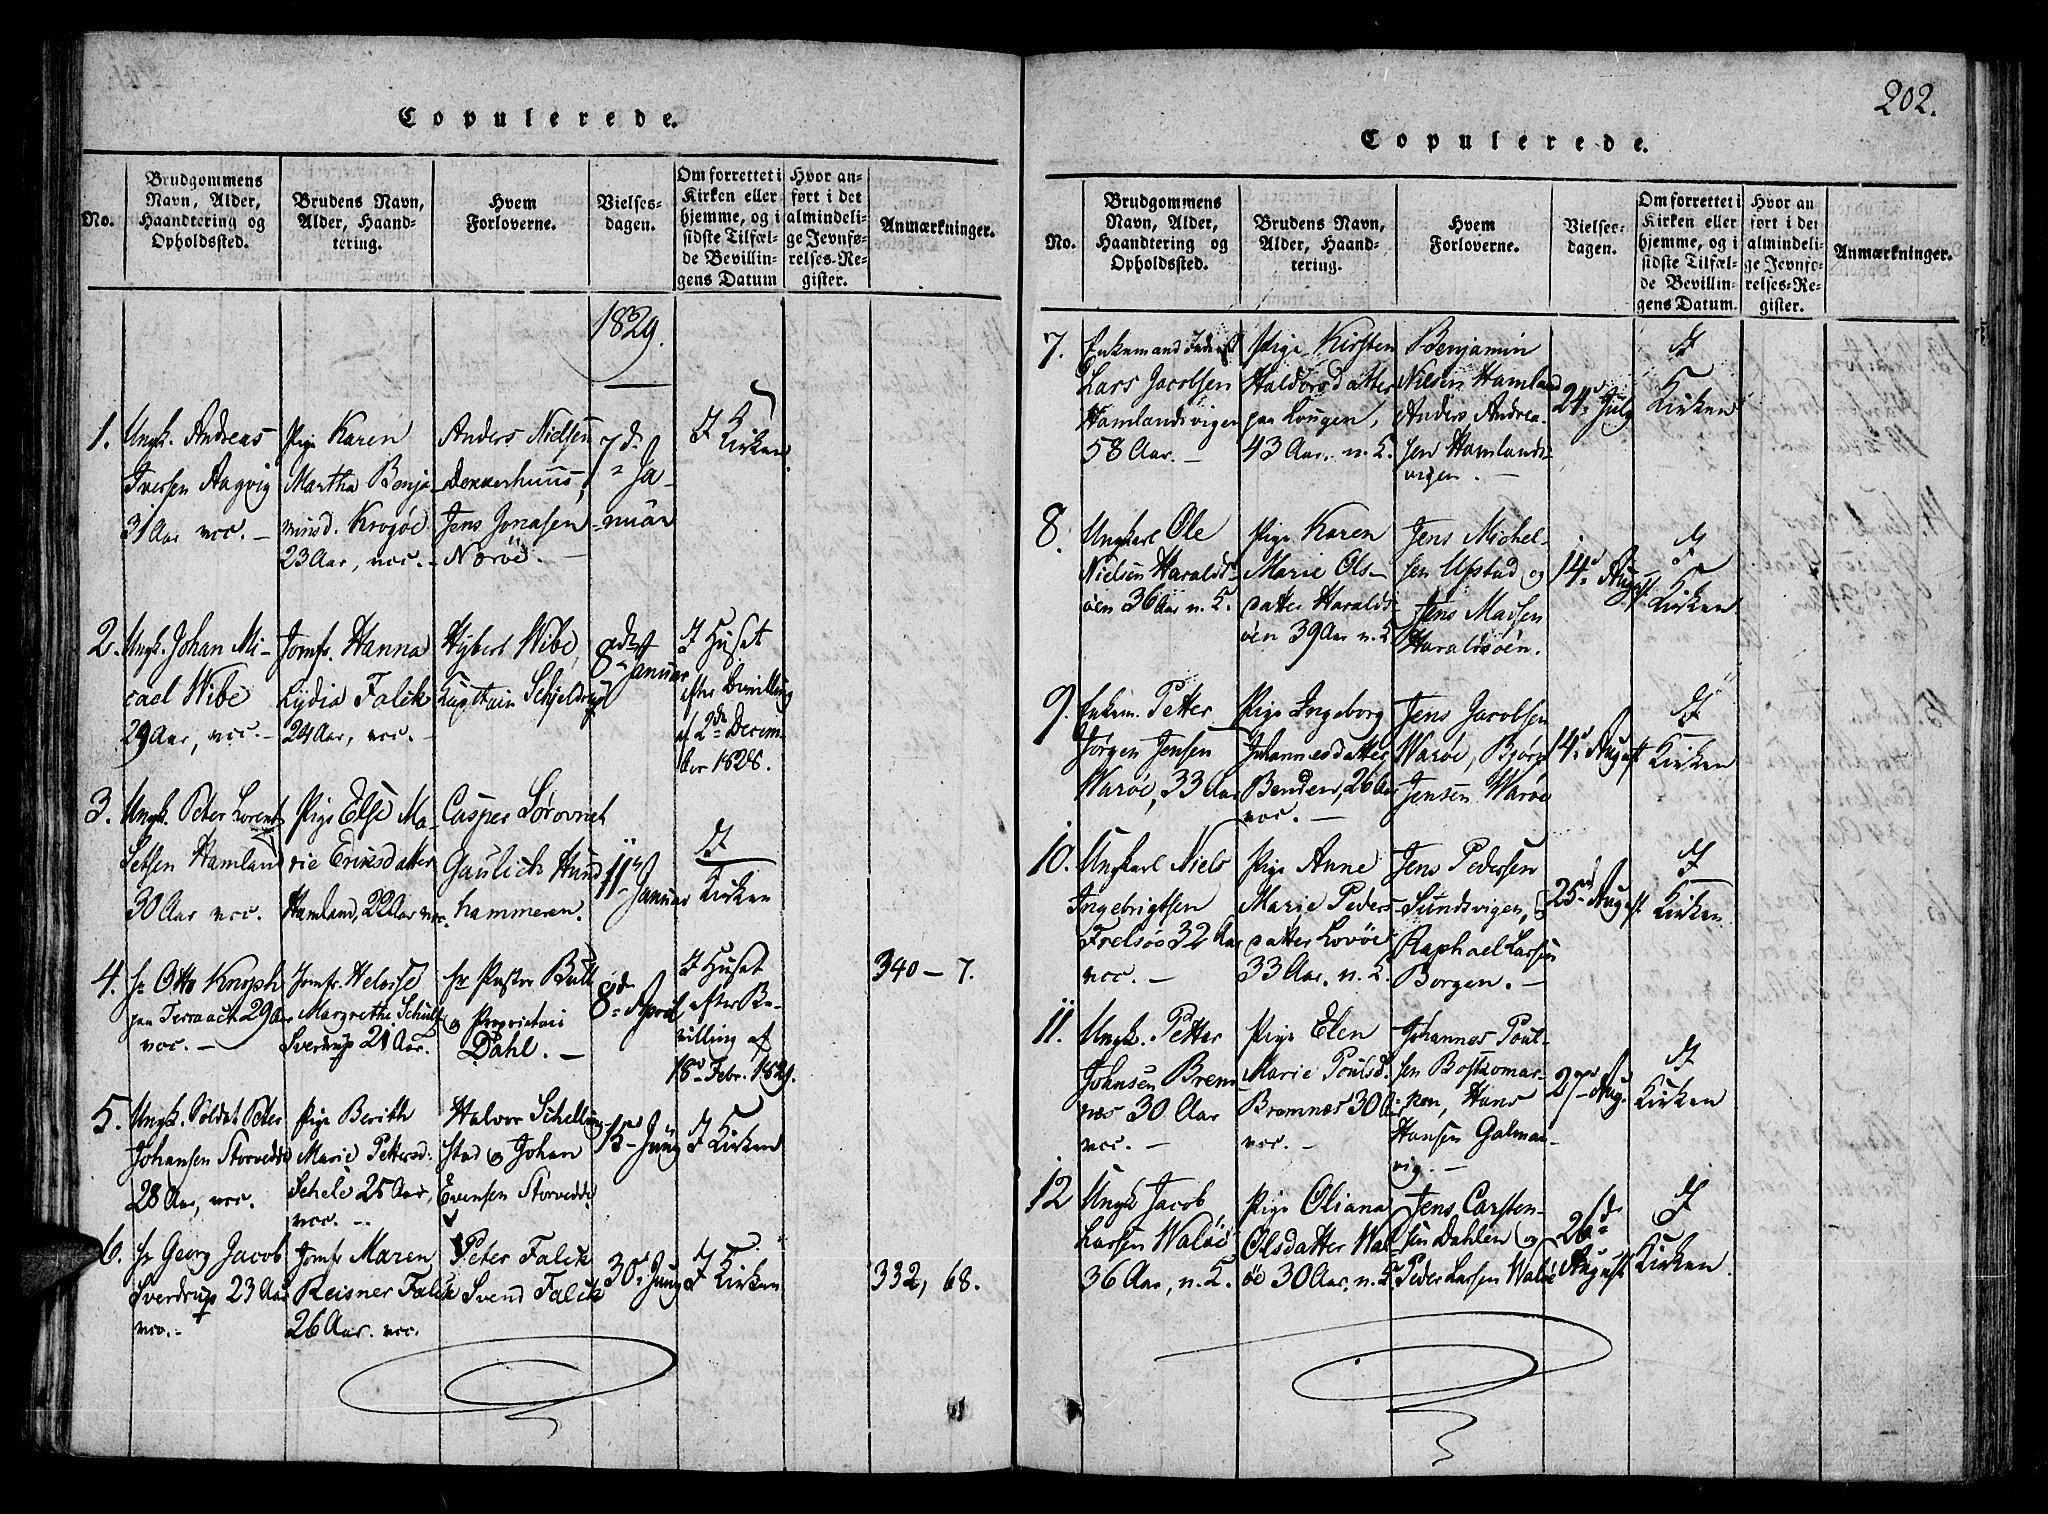 SAT, Ministerialprotokoller, klokkerbøker og fødselsregistre - Nord-Trøndelag, 784/L0667: Ministerialbok nr. 784A03 /1, 1816-1829, s. 202